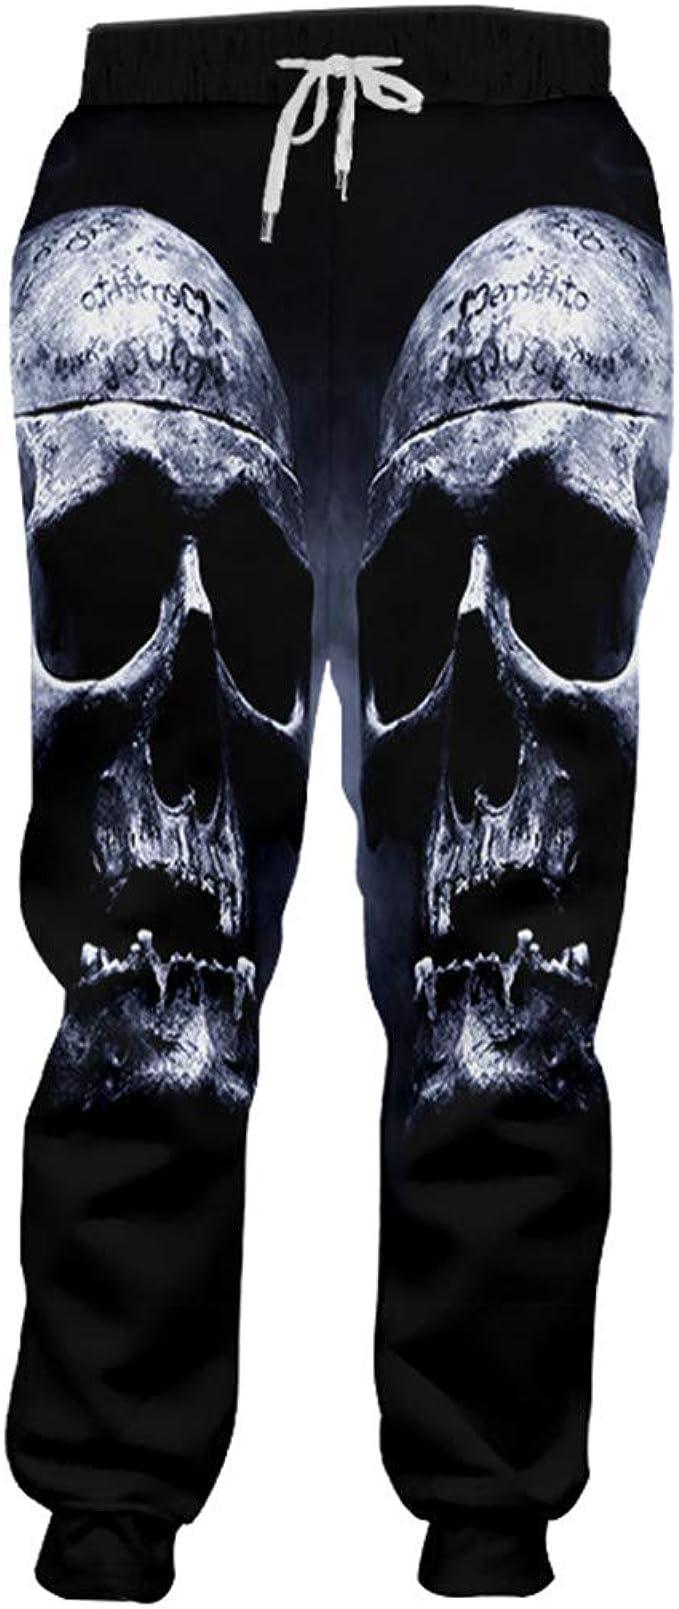 Pantalones de chándal de Hip Hop para Hombre Cráneos de Humo ...